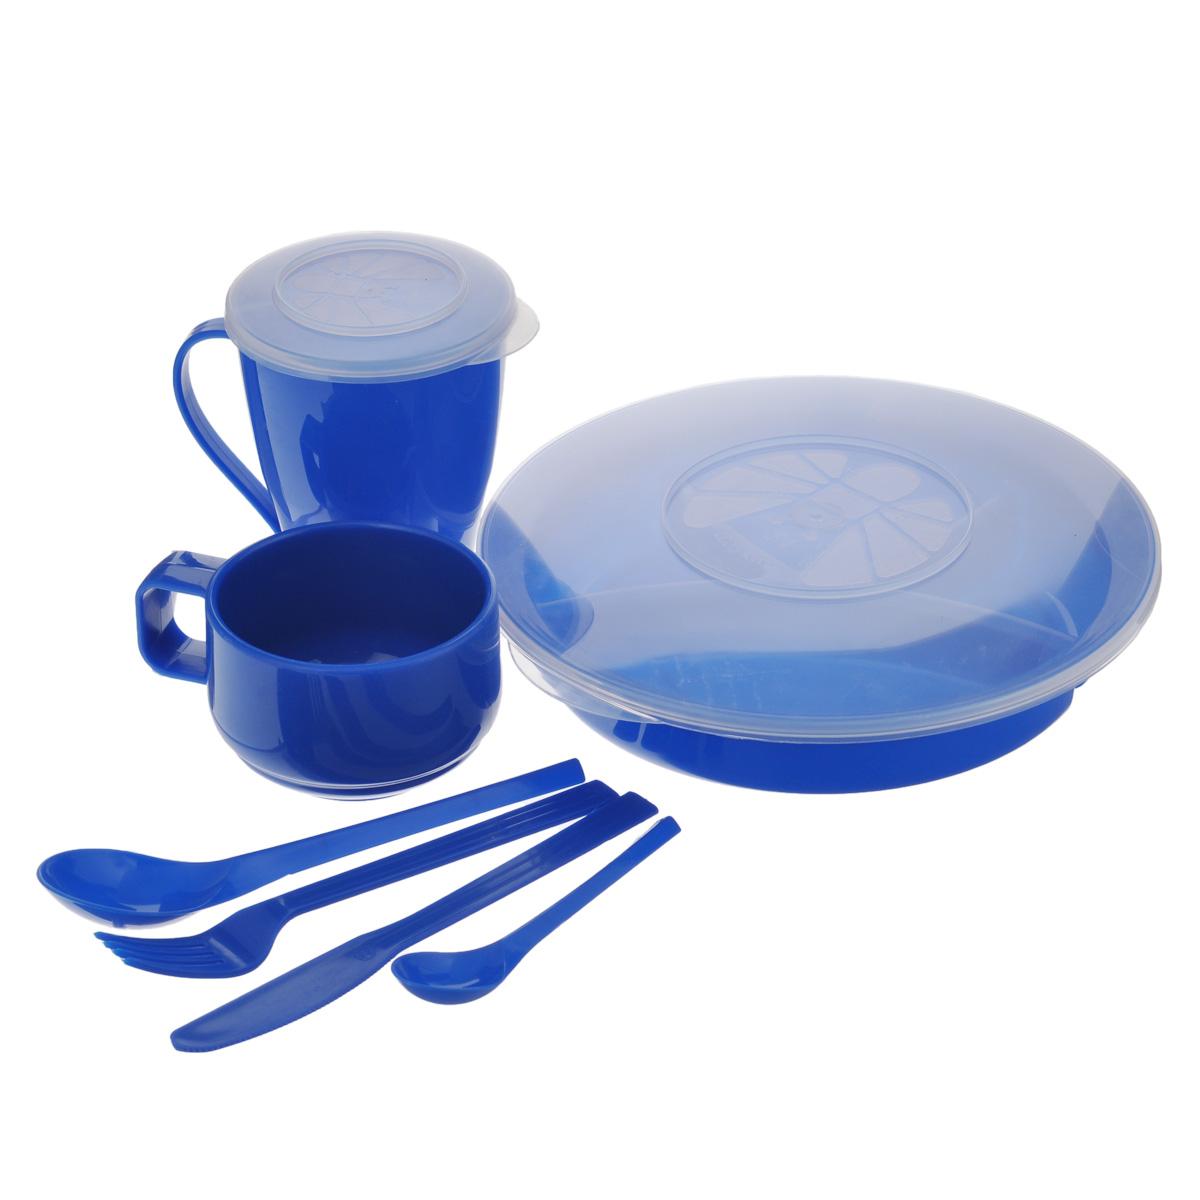 Набор посуды Solaris Вахтовый метод, цвет: синий, на 1 персону67743Компактный набор посуды Solaris Вахтовый метод, выполненный из качественного полипропилена, в удобной виниловой сумке с ручкой и молнией.Свойства посуды:Посуда из ударопрочного пищевого полипропилена предназначена для многократного использования. Легкая, прочная и износостойкая, экологически чистая, эта посуда работает в диапазоне температур от -25°С до +110°С. Можно мыть в посудомоечной машине. Эта посуда также обеспечивает:Хранение горячих и холодных пищевых продуктов;Разогрев продуктов в микроволновой печи;Приготовление пищи в микроволновой печи на пару (пароварка);Хранение продуктов в холодильной и морозильной камере;Кипячение воды с помощью электрокипятильника.Состав набора:Менажница с герметичной крышкой;Чашка для супа с герметичной крышкой, объем 0,5 л;Чашка объемом 0,28 л;Вилка;Ложка столовая;Нож;Ложка чайная.Диаметр менажницы: 22,5 см.Высота менажницы: 5 см.Диаметр чашки для супа по верхнему краю: 9,2 см.Диаметр дна чашки для супа: 5,7 см.Высота чашки для супа: 12,5 см.Диаметр чашки по верхнему краю: 9,3 см.Диаметр дна чашки: 6 см.Высота чашки: 6,5 см.Длина ложки: 19 см.Длина вилки: 19 см.Длина ножа: 19 см.Длина чайной ложки: 13,5 см.